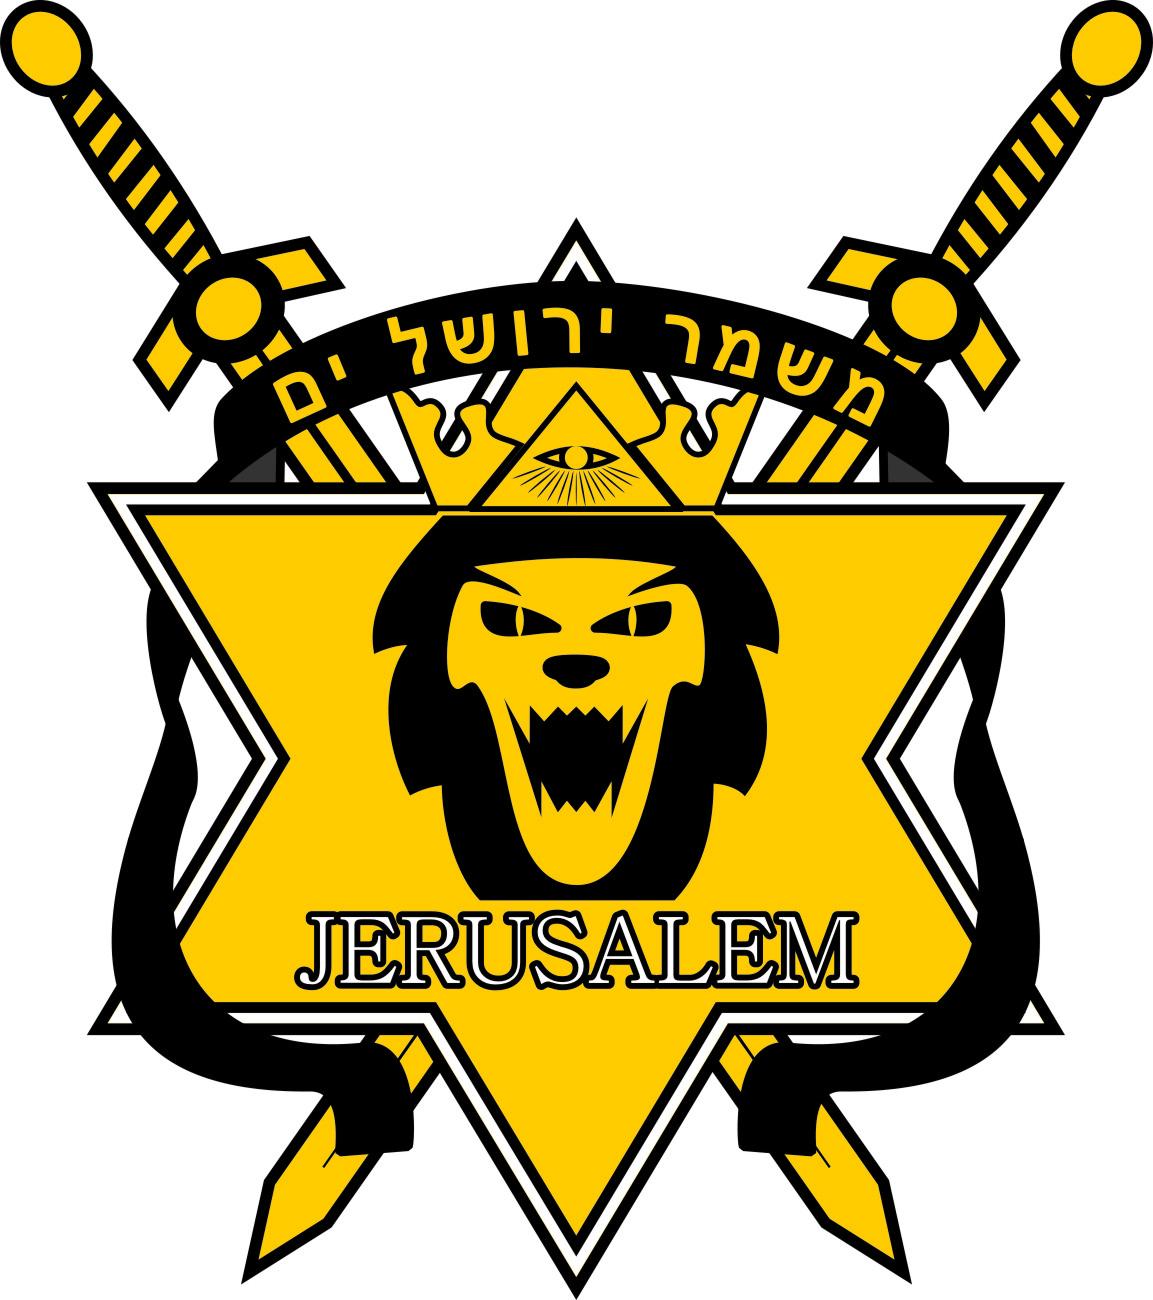 Разработка логотипа. Компания Страж Иерусалима фото f_80851e90edbc8b35.jpg